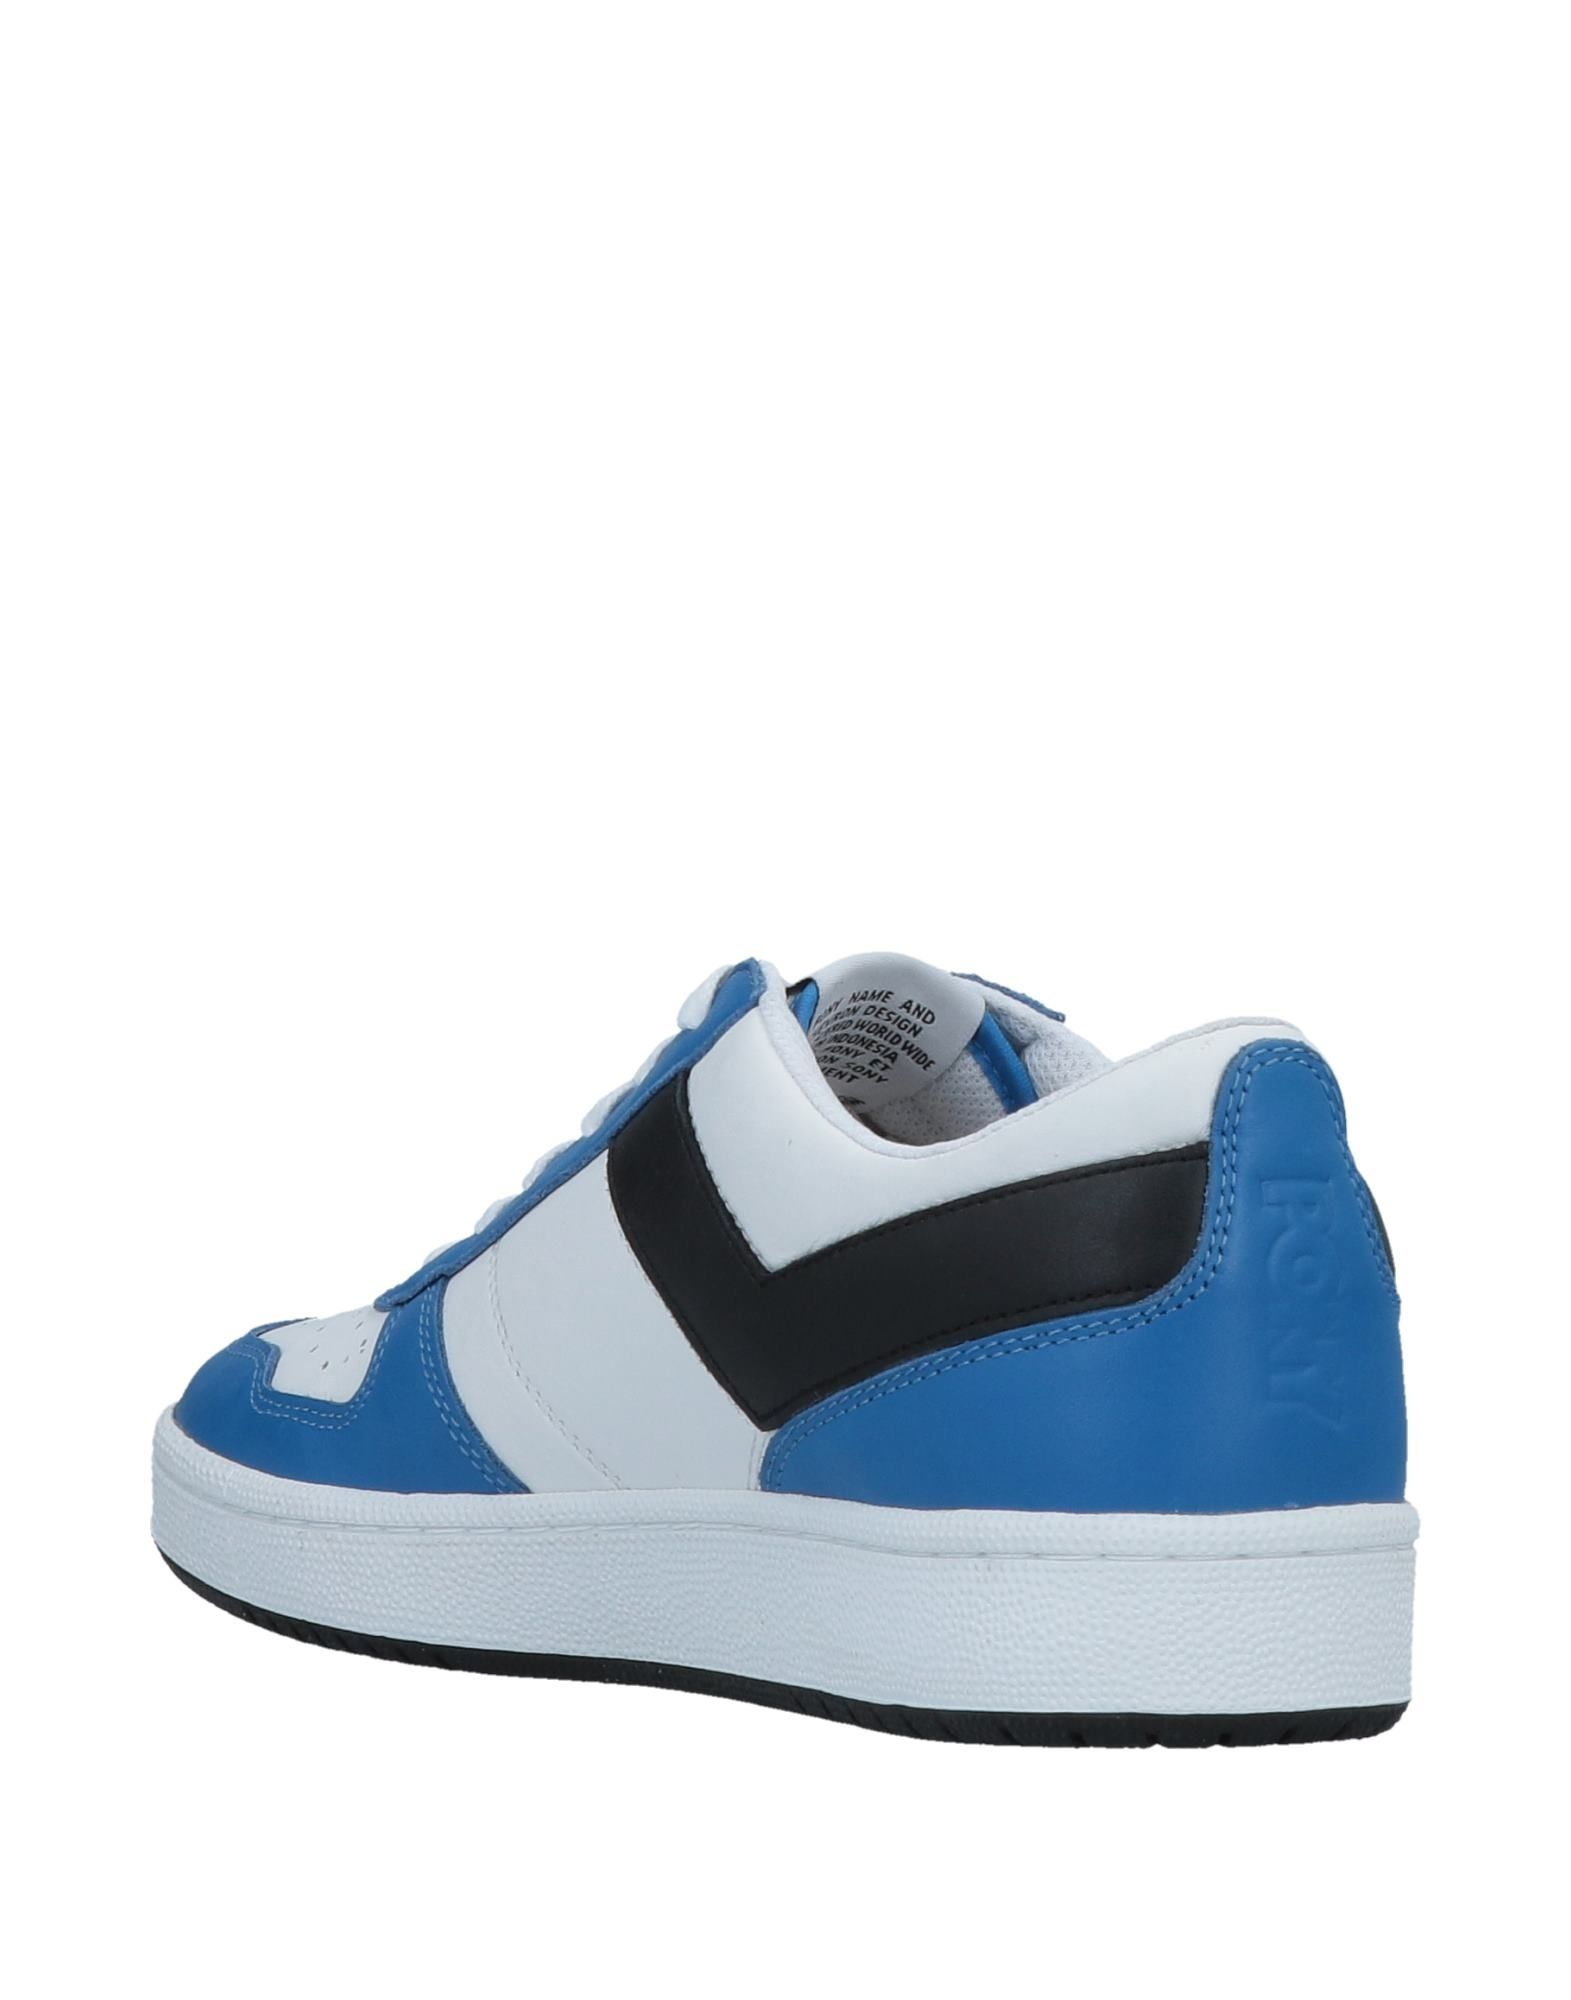 Rabatt echte Schuhe Pony Sneakers Herren  11502525OS 11502525OS  ffc252